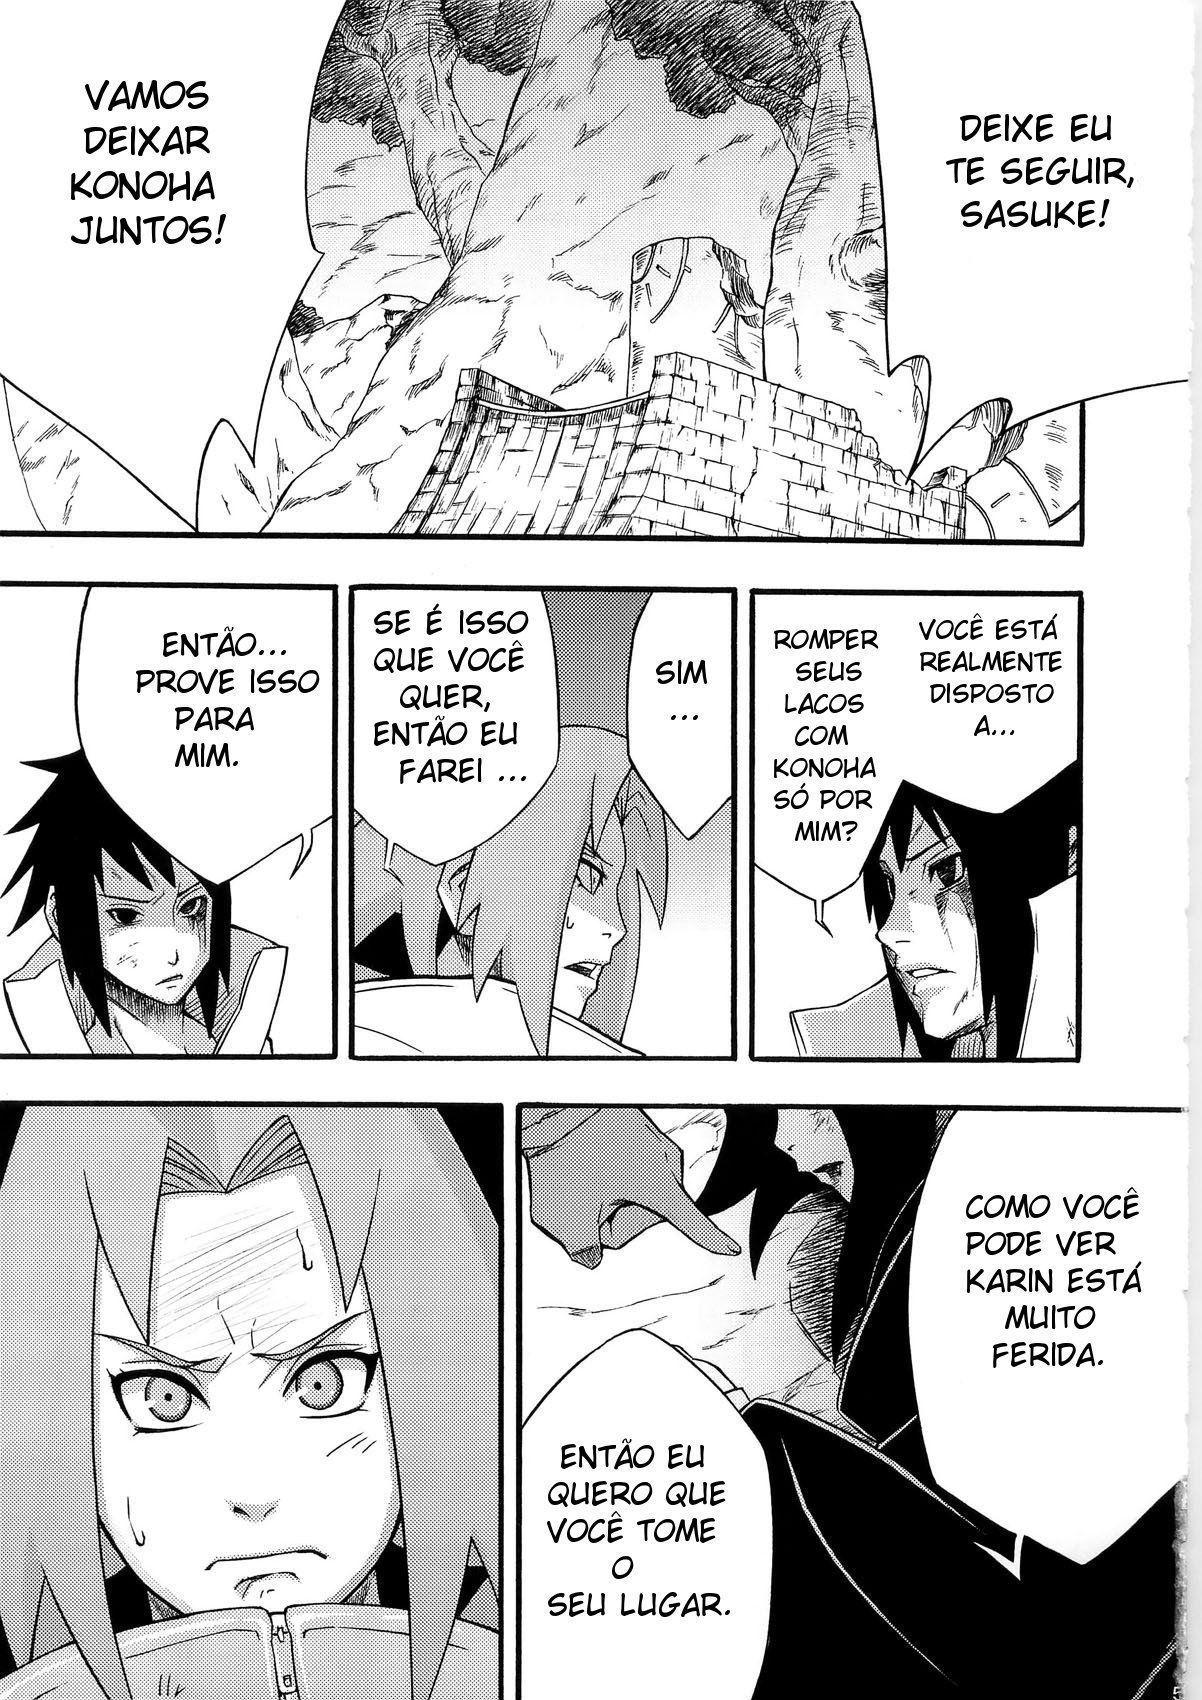 Sakura-é-uma-cadela-dando-pro-Sasuke-2